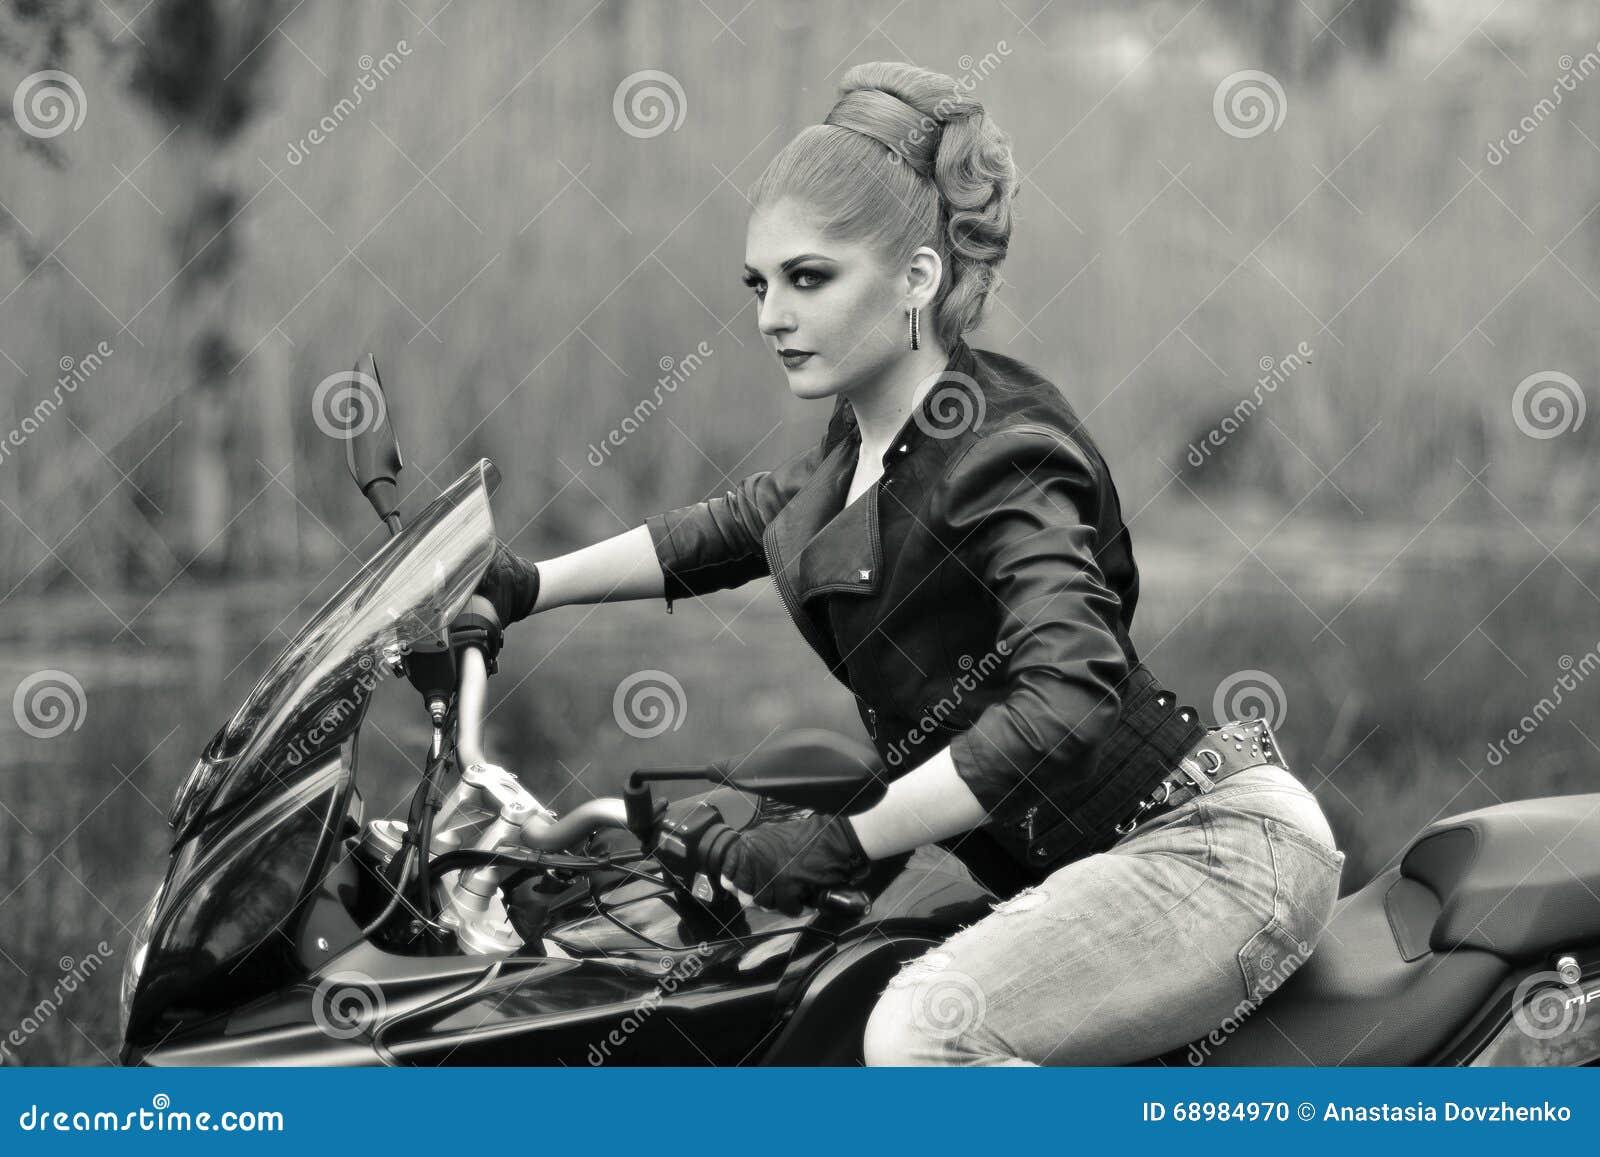 Biker girl black and white photo professional biker girlfast ridersitting on blackfastmodern motorbikemotorcyclebike sexy biker girl with creative